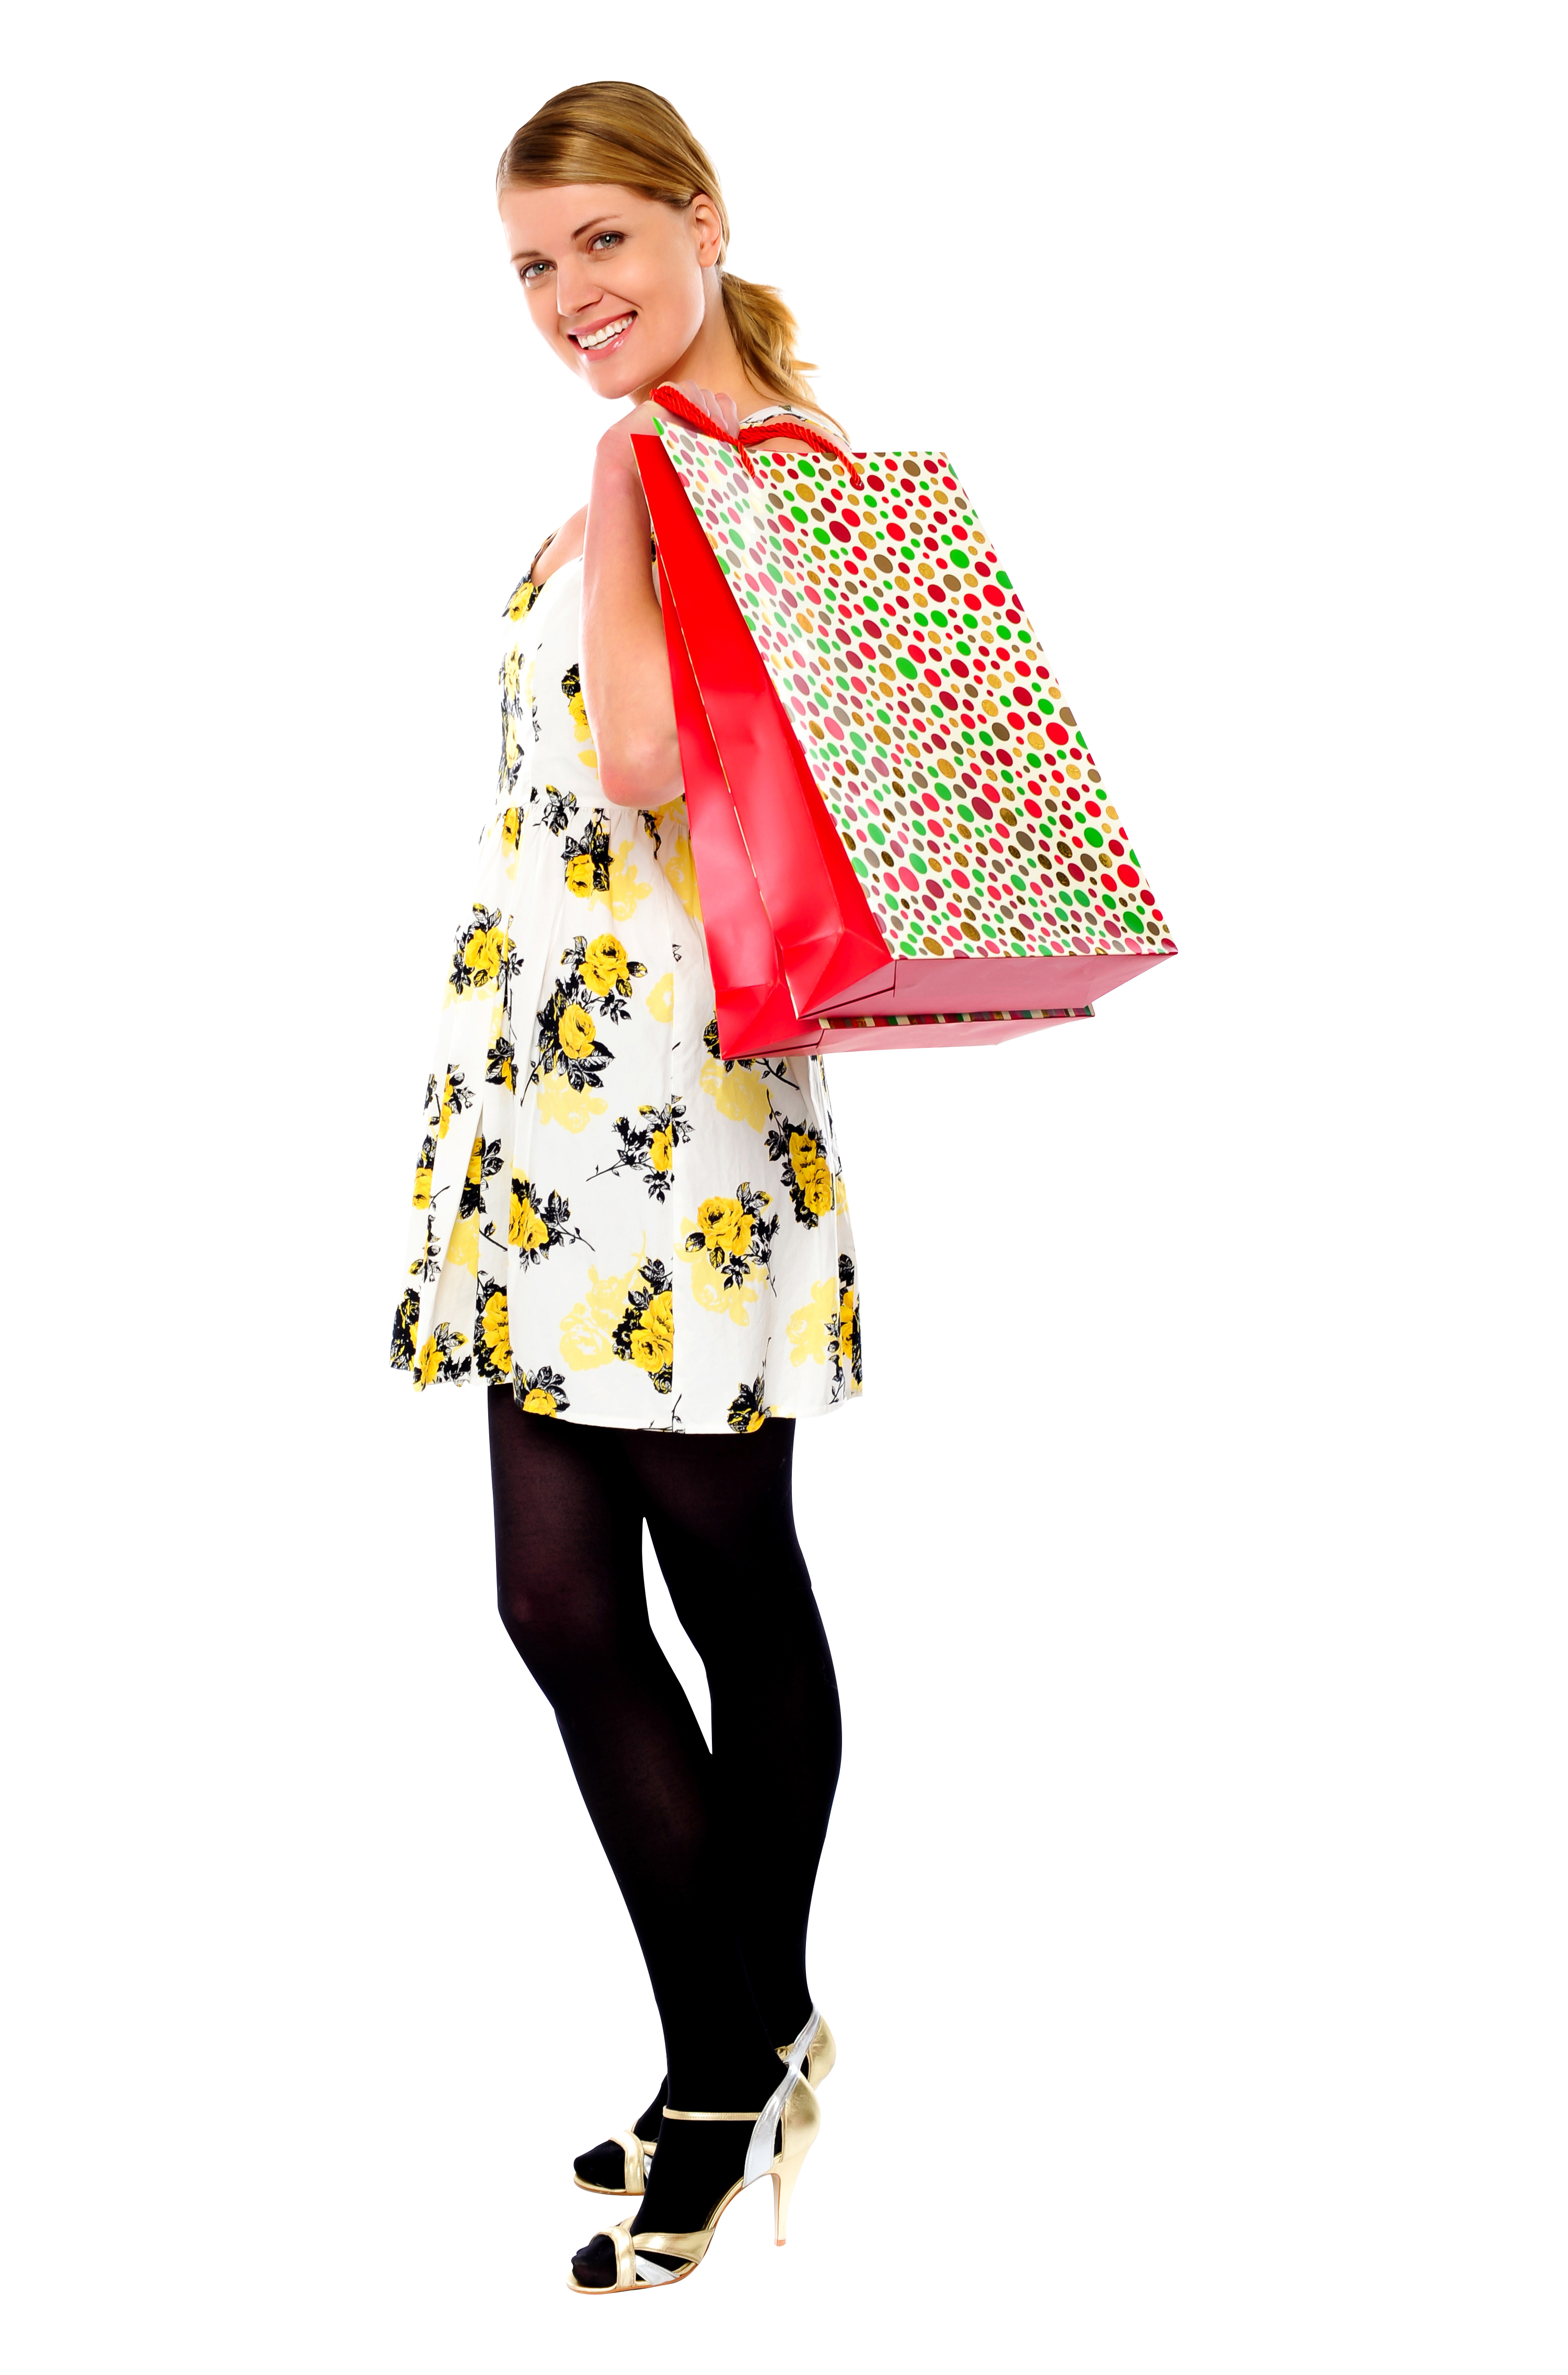 Women Shopping PNG Image